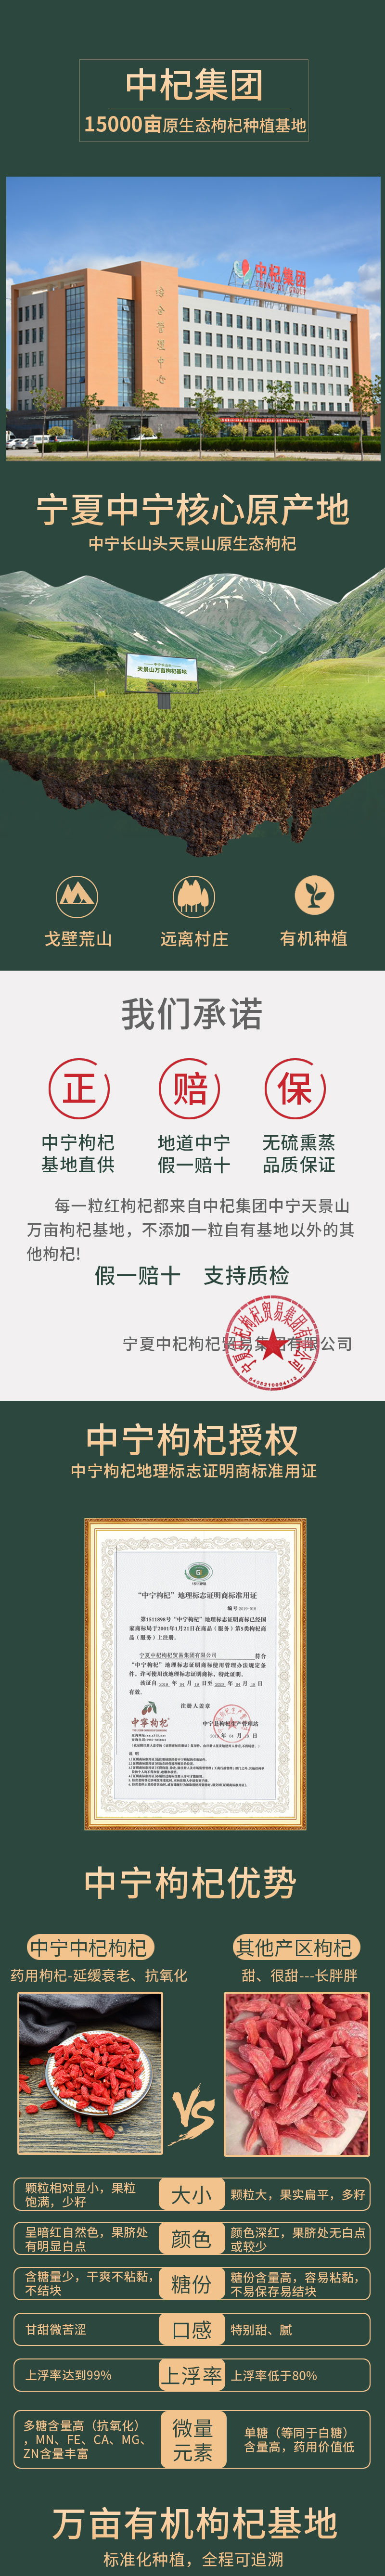 中杞集团 宁夏中宁 特优级甄选枸杞子 500g 4国有机认证 图1